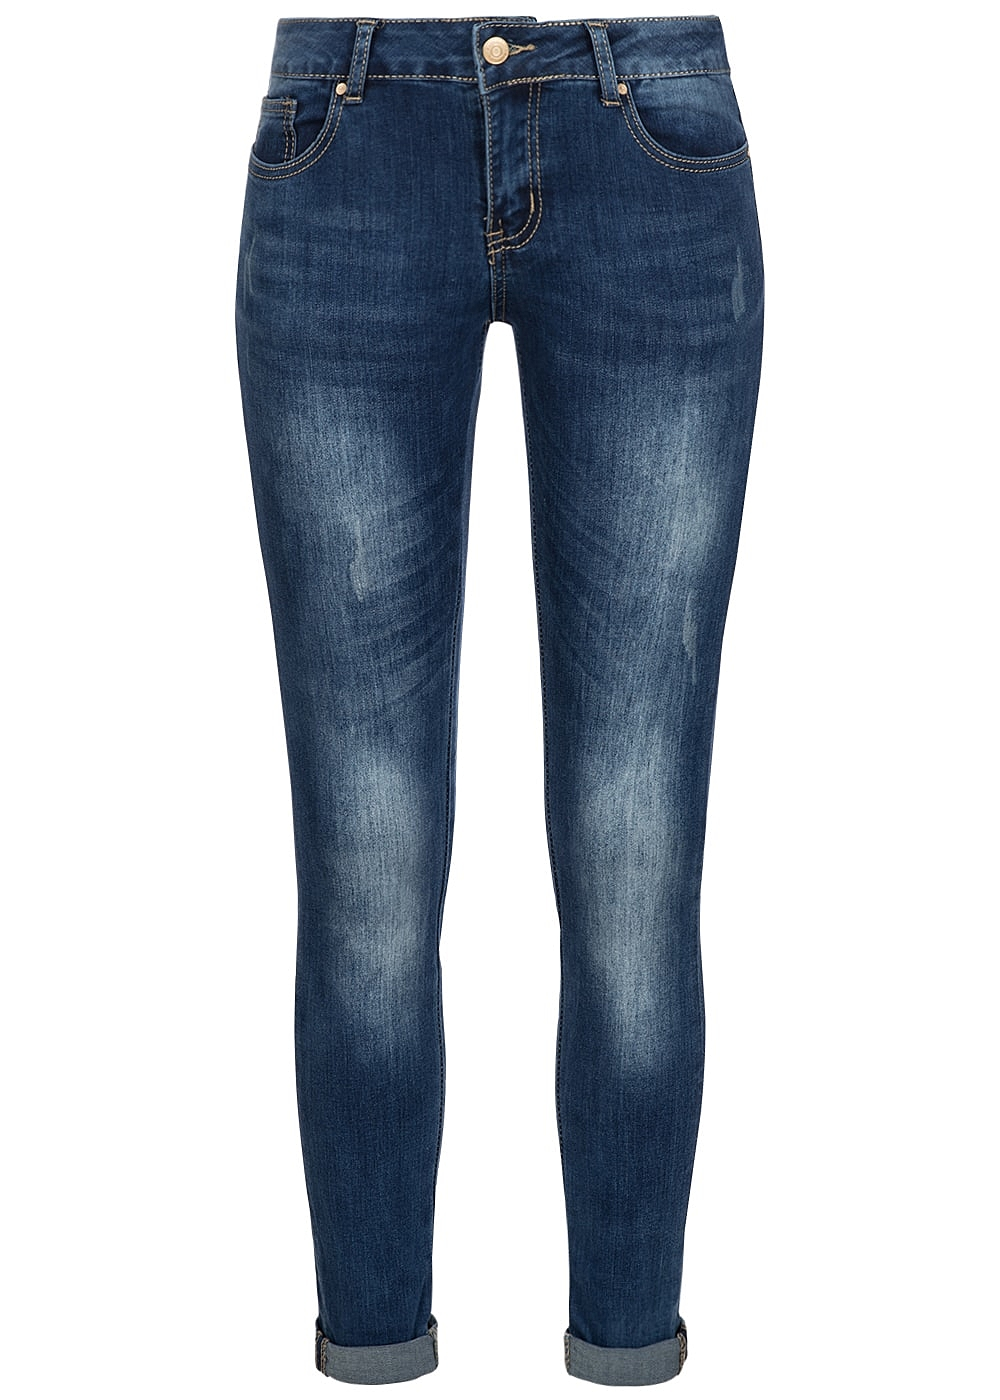 seventyseven lifestyle hose damen skinny jeans 5 pockets. Black Bedroom Furniture Sets. Home Design Ideas